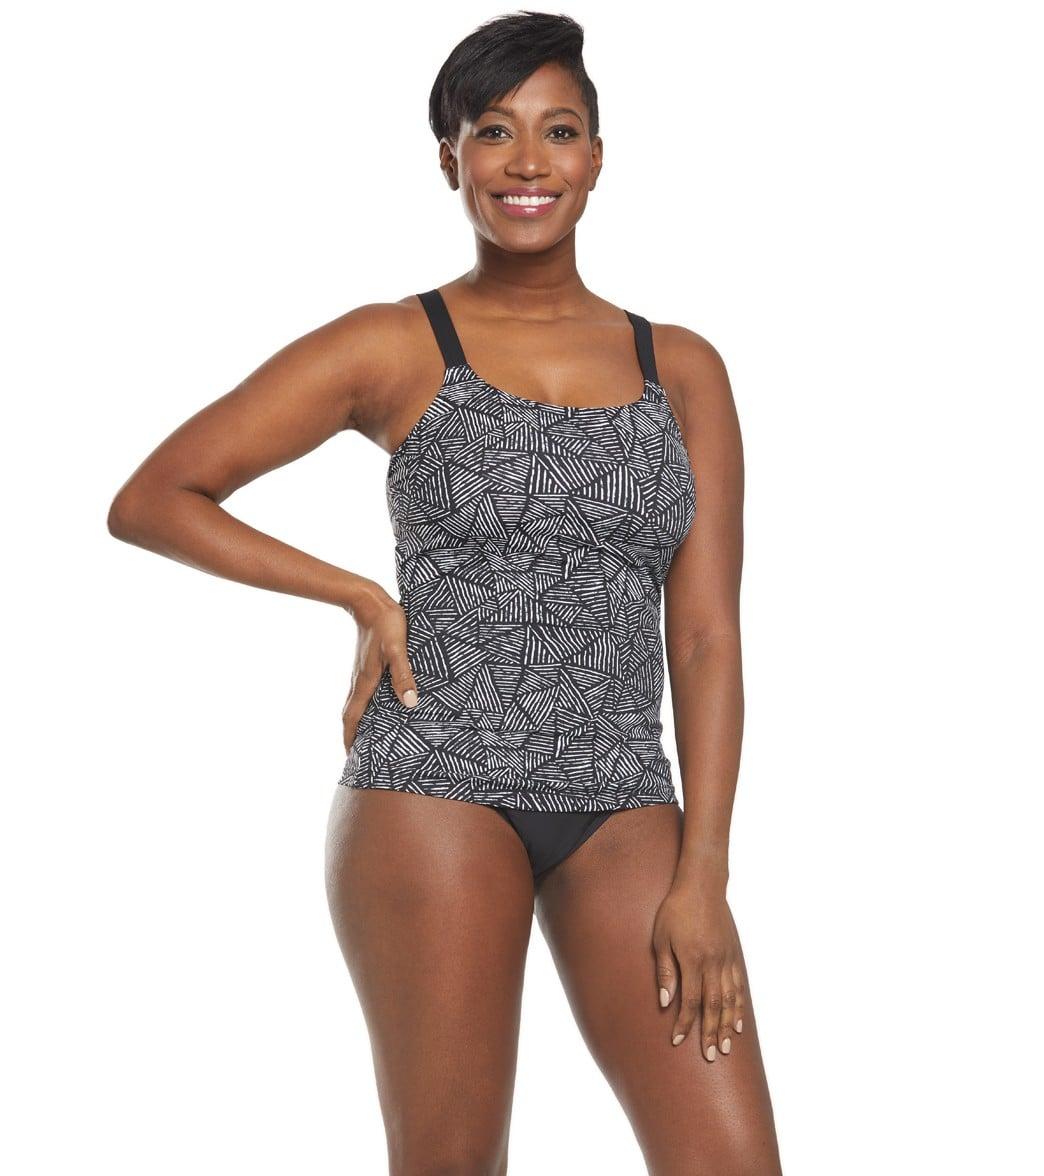 71f95bb6a83f3 Funkita Women's Black Widow Scoop Neck Tankini Top at SwimOutlet.com ...